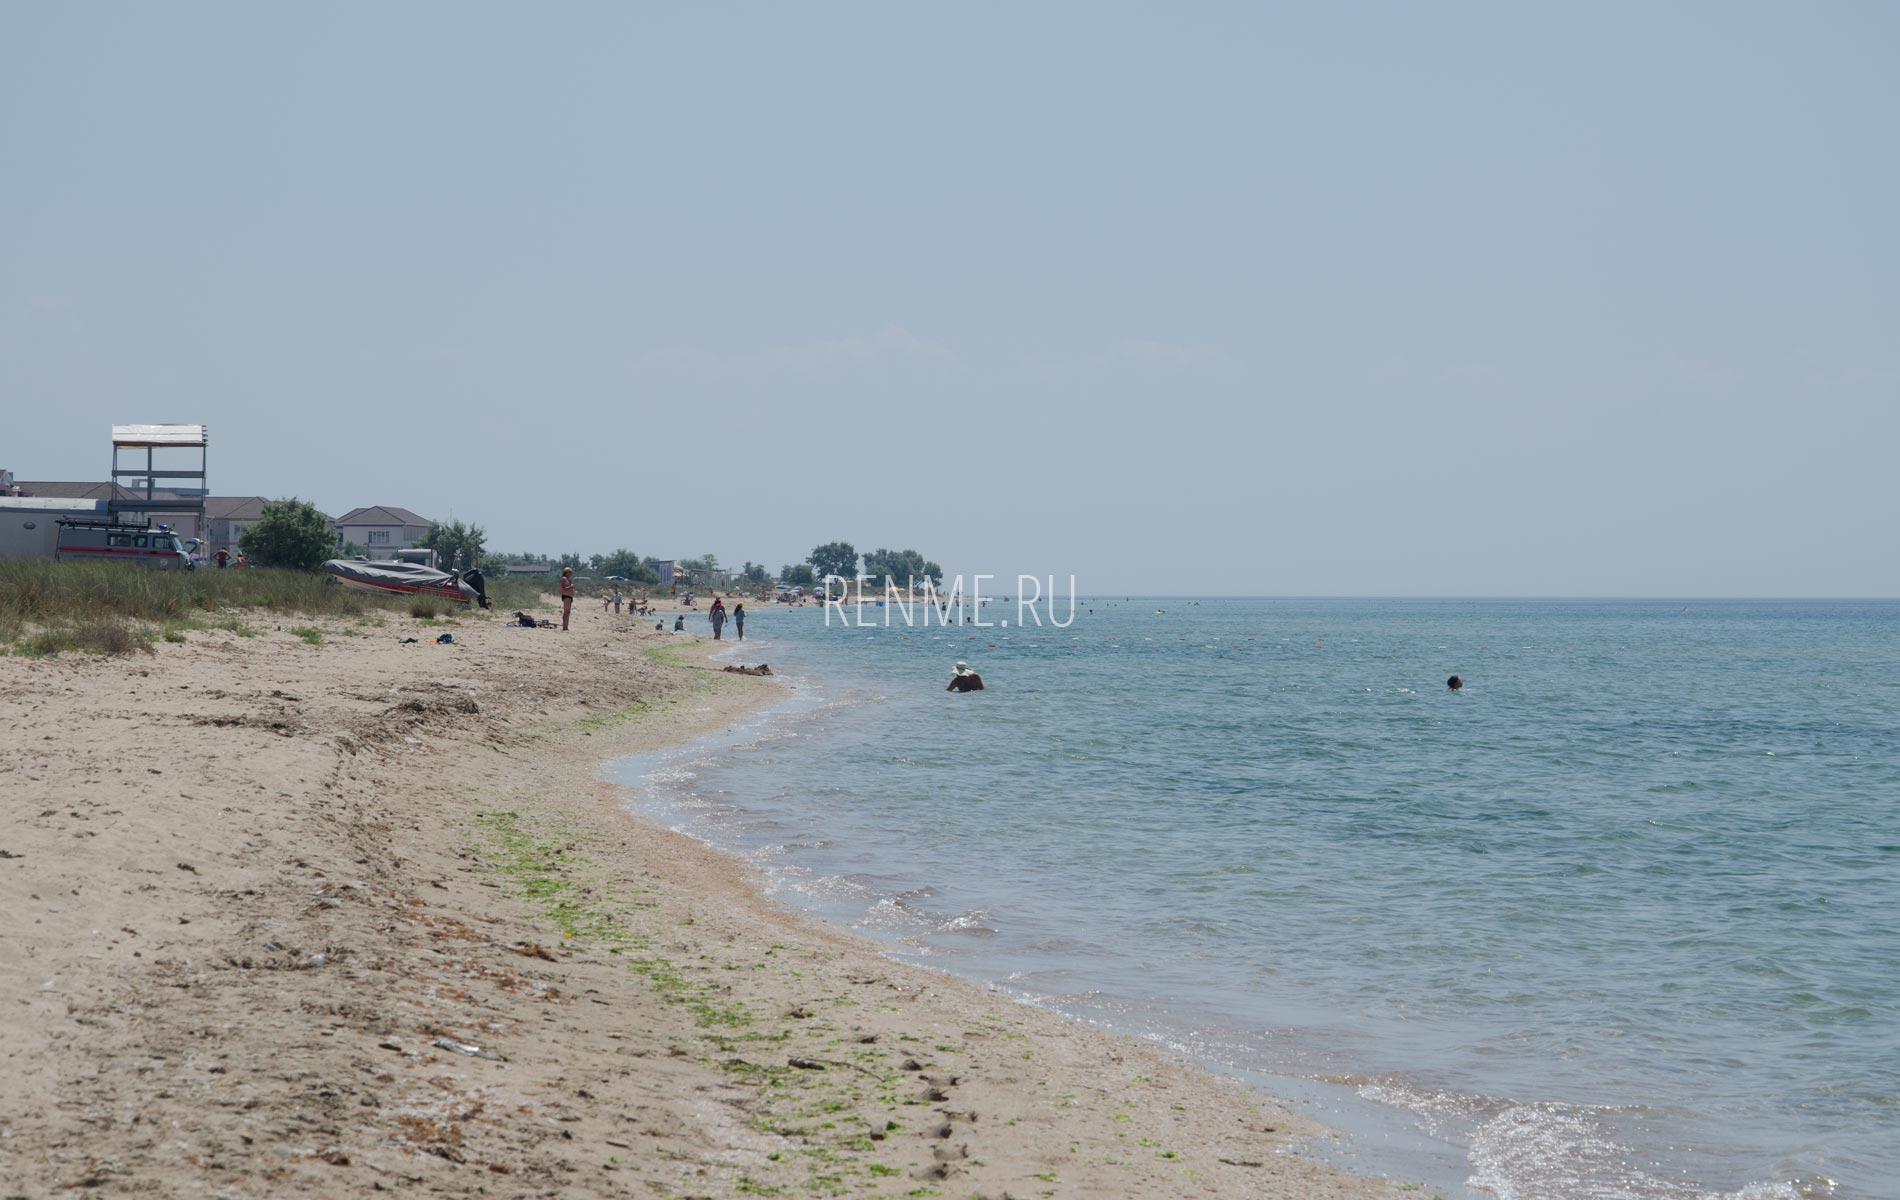 Большой песчаный дикий пляж в Крыму. Фото Заозёрного